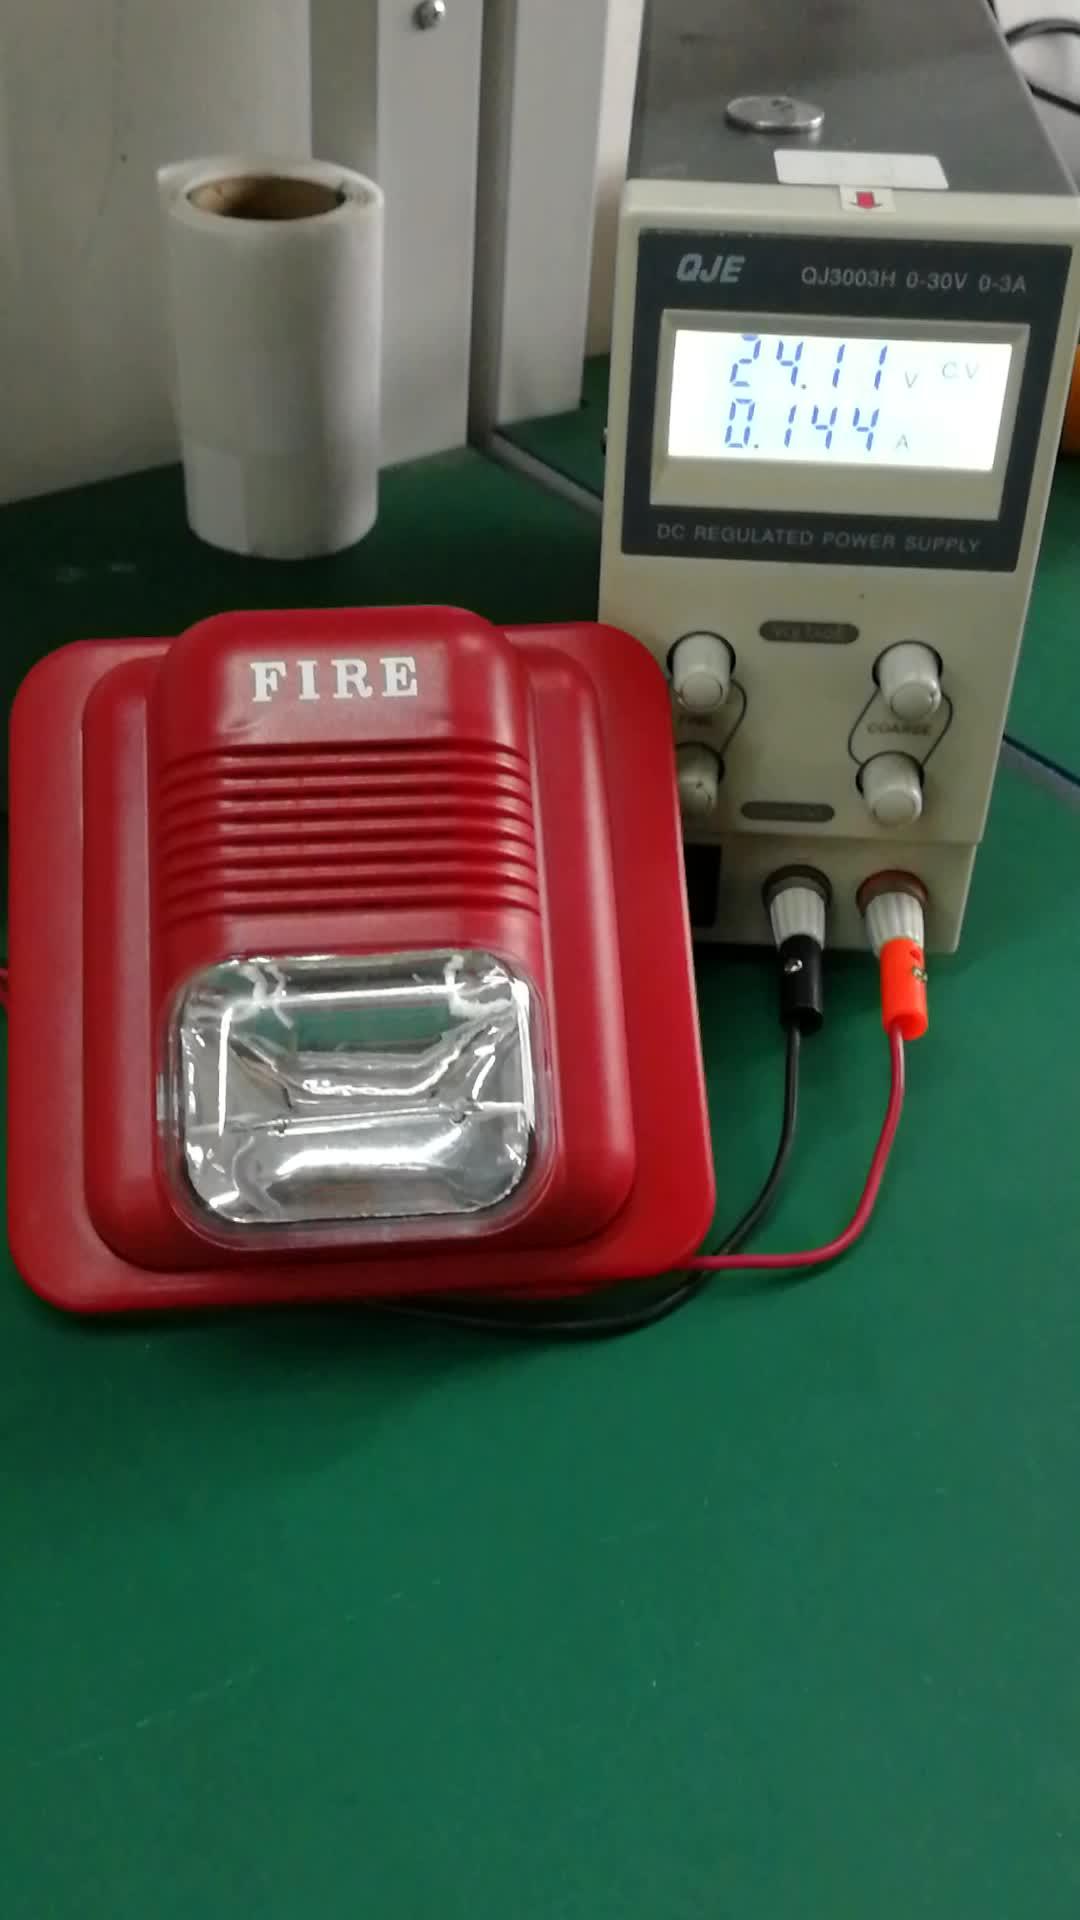 Fuego sirena con luz estroboscópica princi sirena con luz de flash